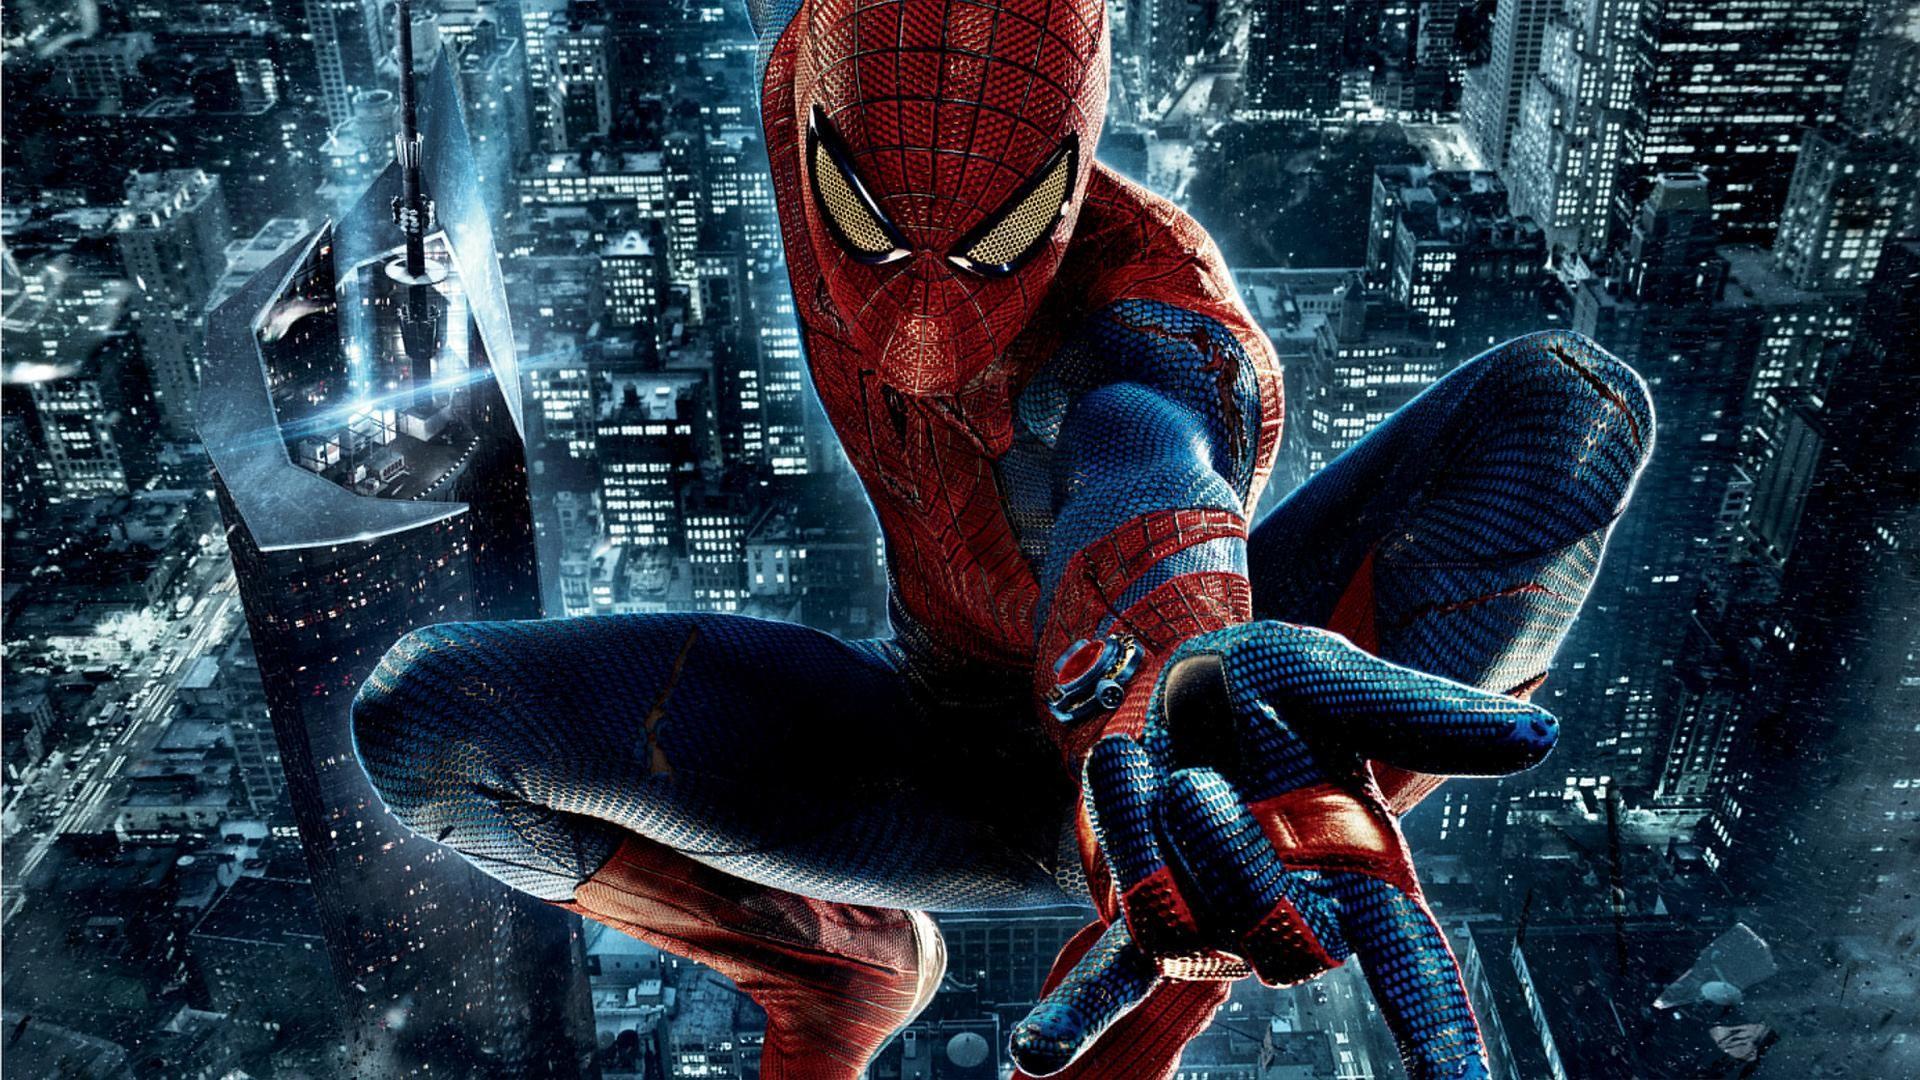 Spider Man Shattered Dimensions 4k Hd Desktop Wallpaper: Spider Man Noir Wallpaper (69+ Images